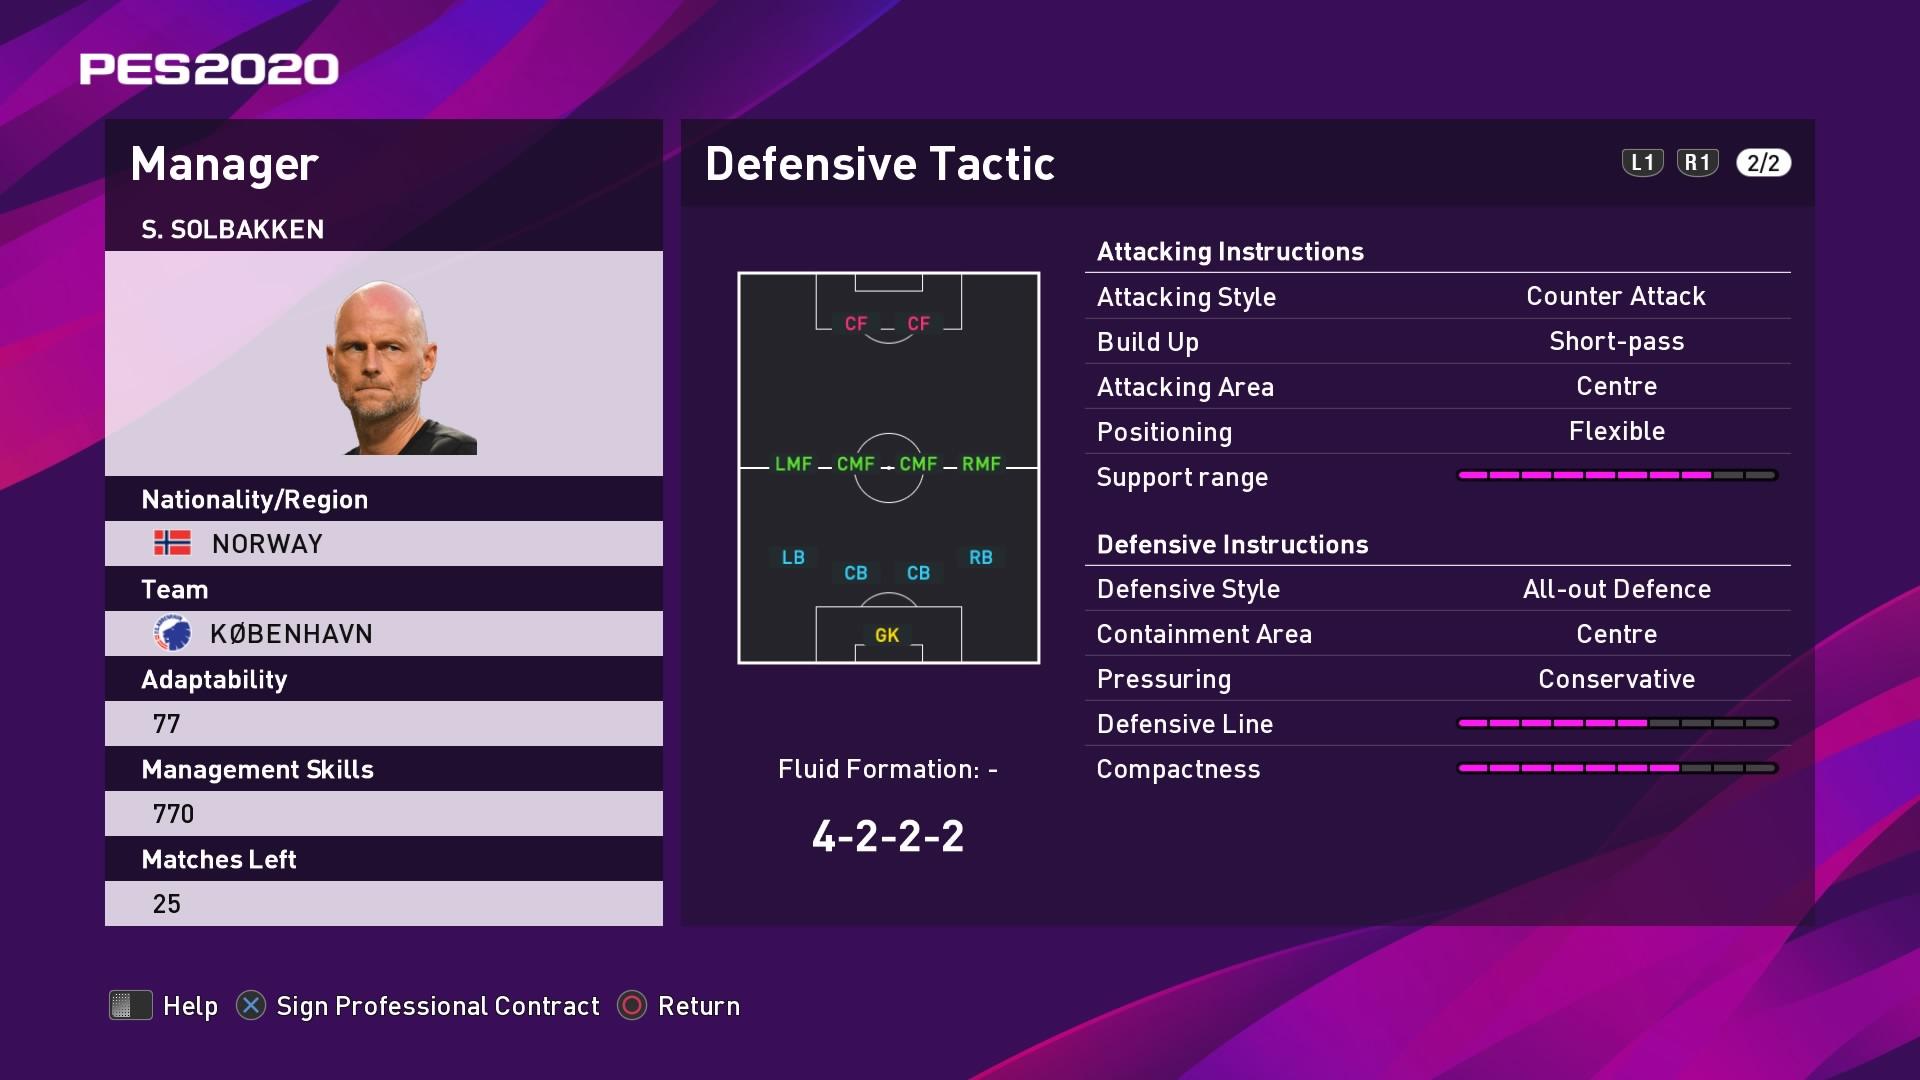 S. Solbakken (Ståle Solbakken) Defensive Tactic in PES 2020 myClub